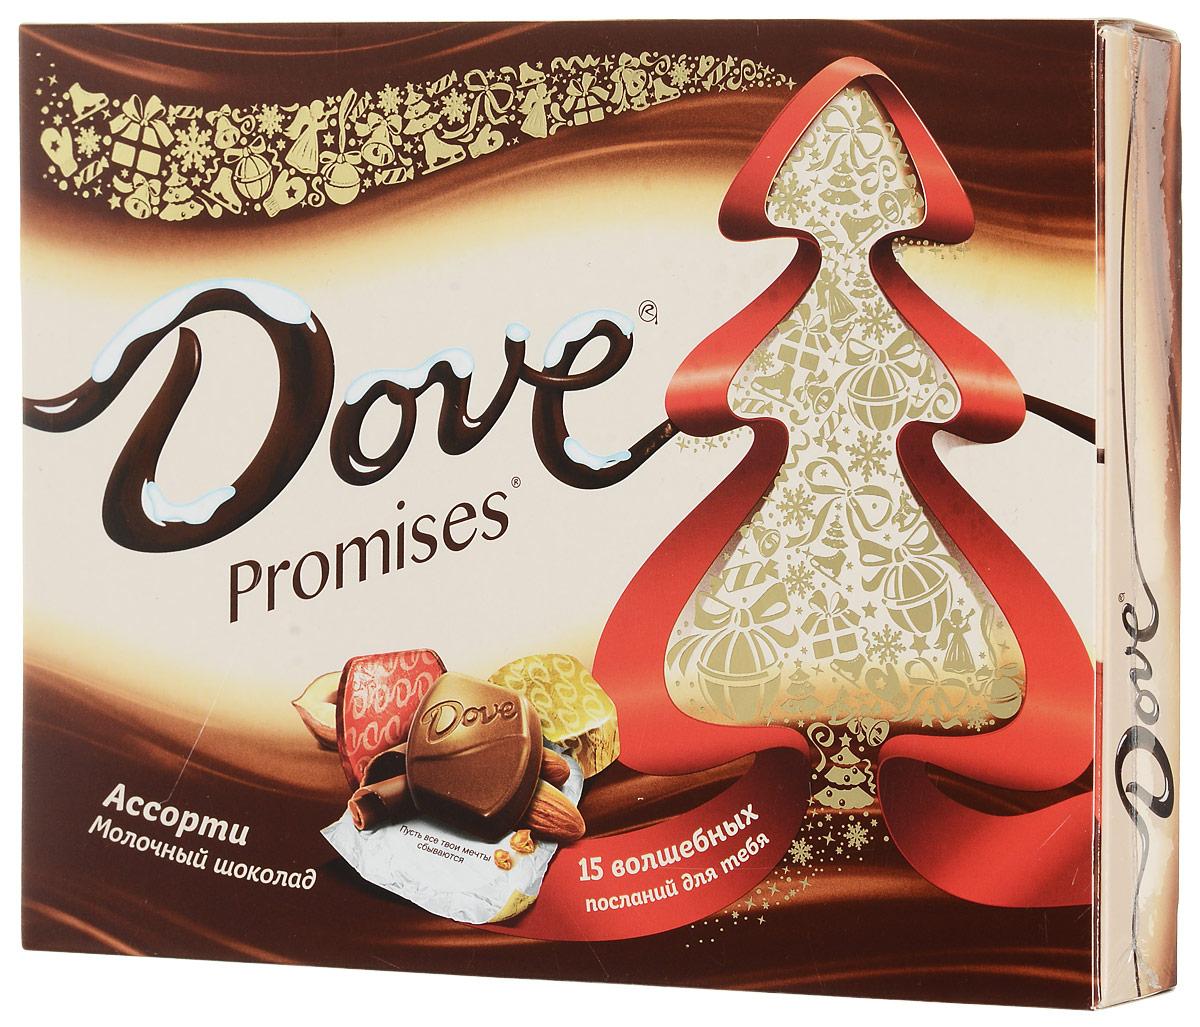 Dove Promises Ассорти молочный шоколад, 118 г браслеты револю браслет классика 12 лунный камень